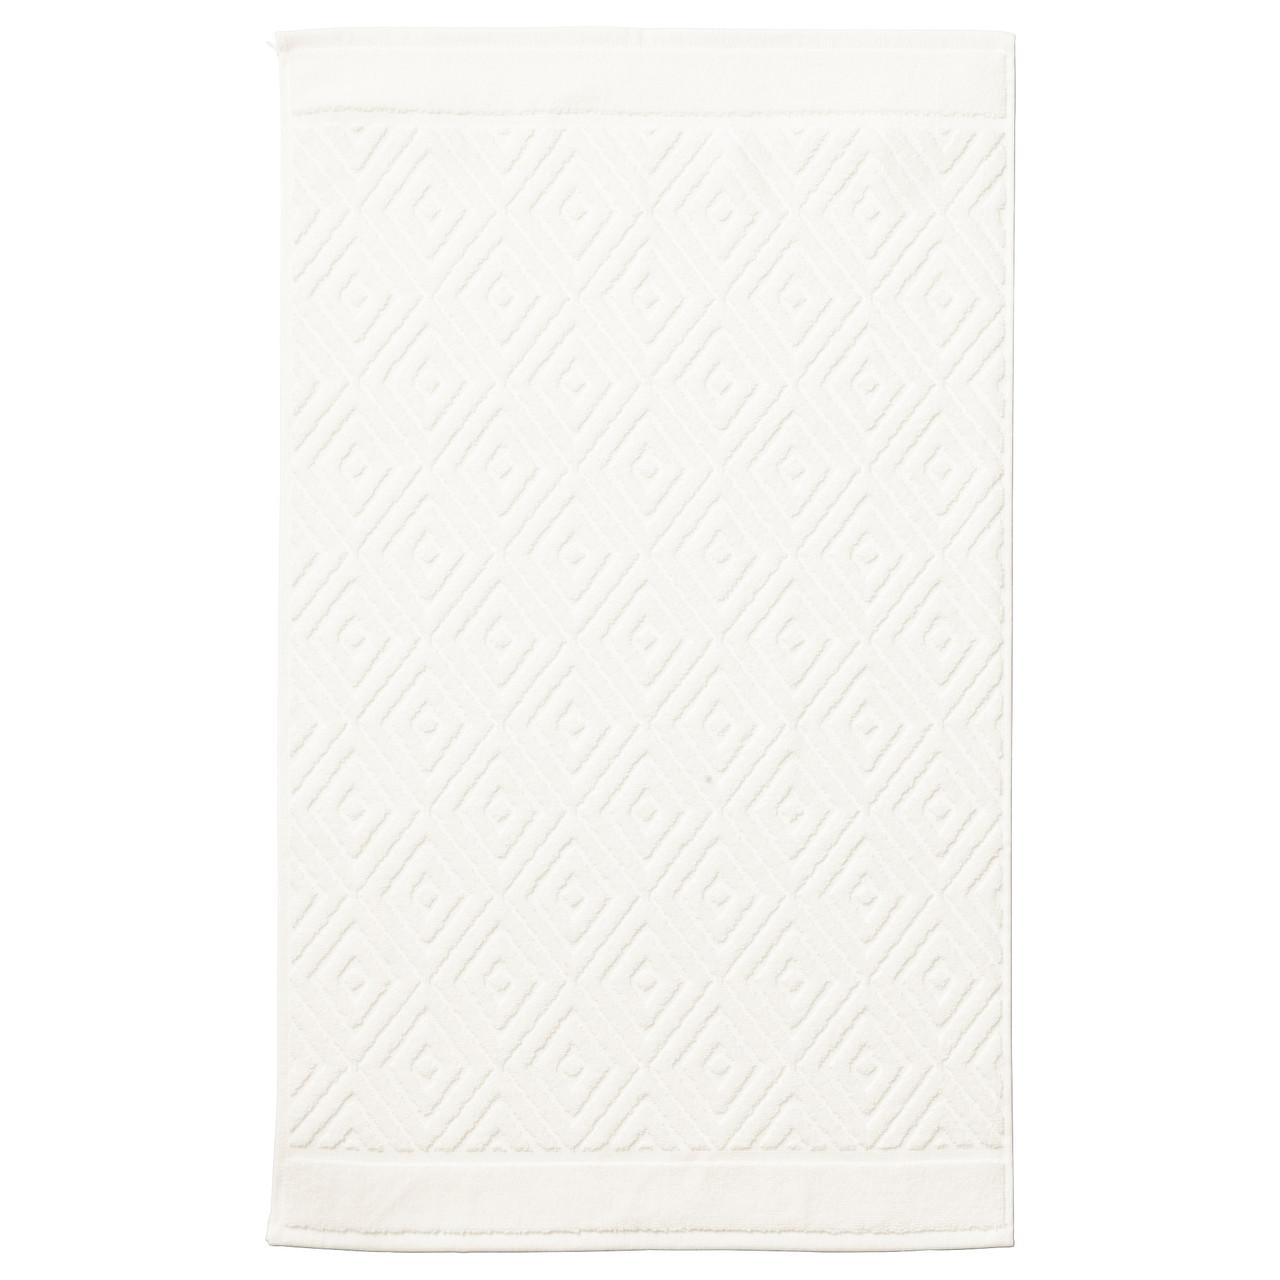 ФЭЛАРЕН Коврик для ванной, белый, 50x80 см, 40335906, ИКЕА IKEA, FÄLAREN